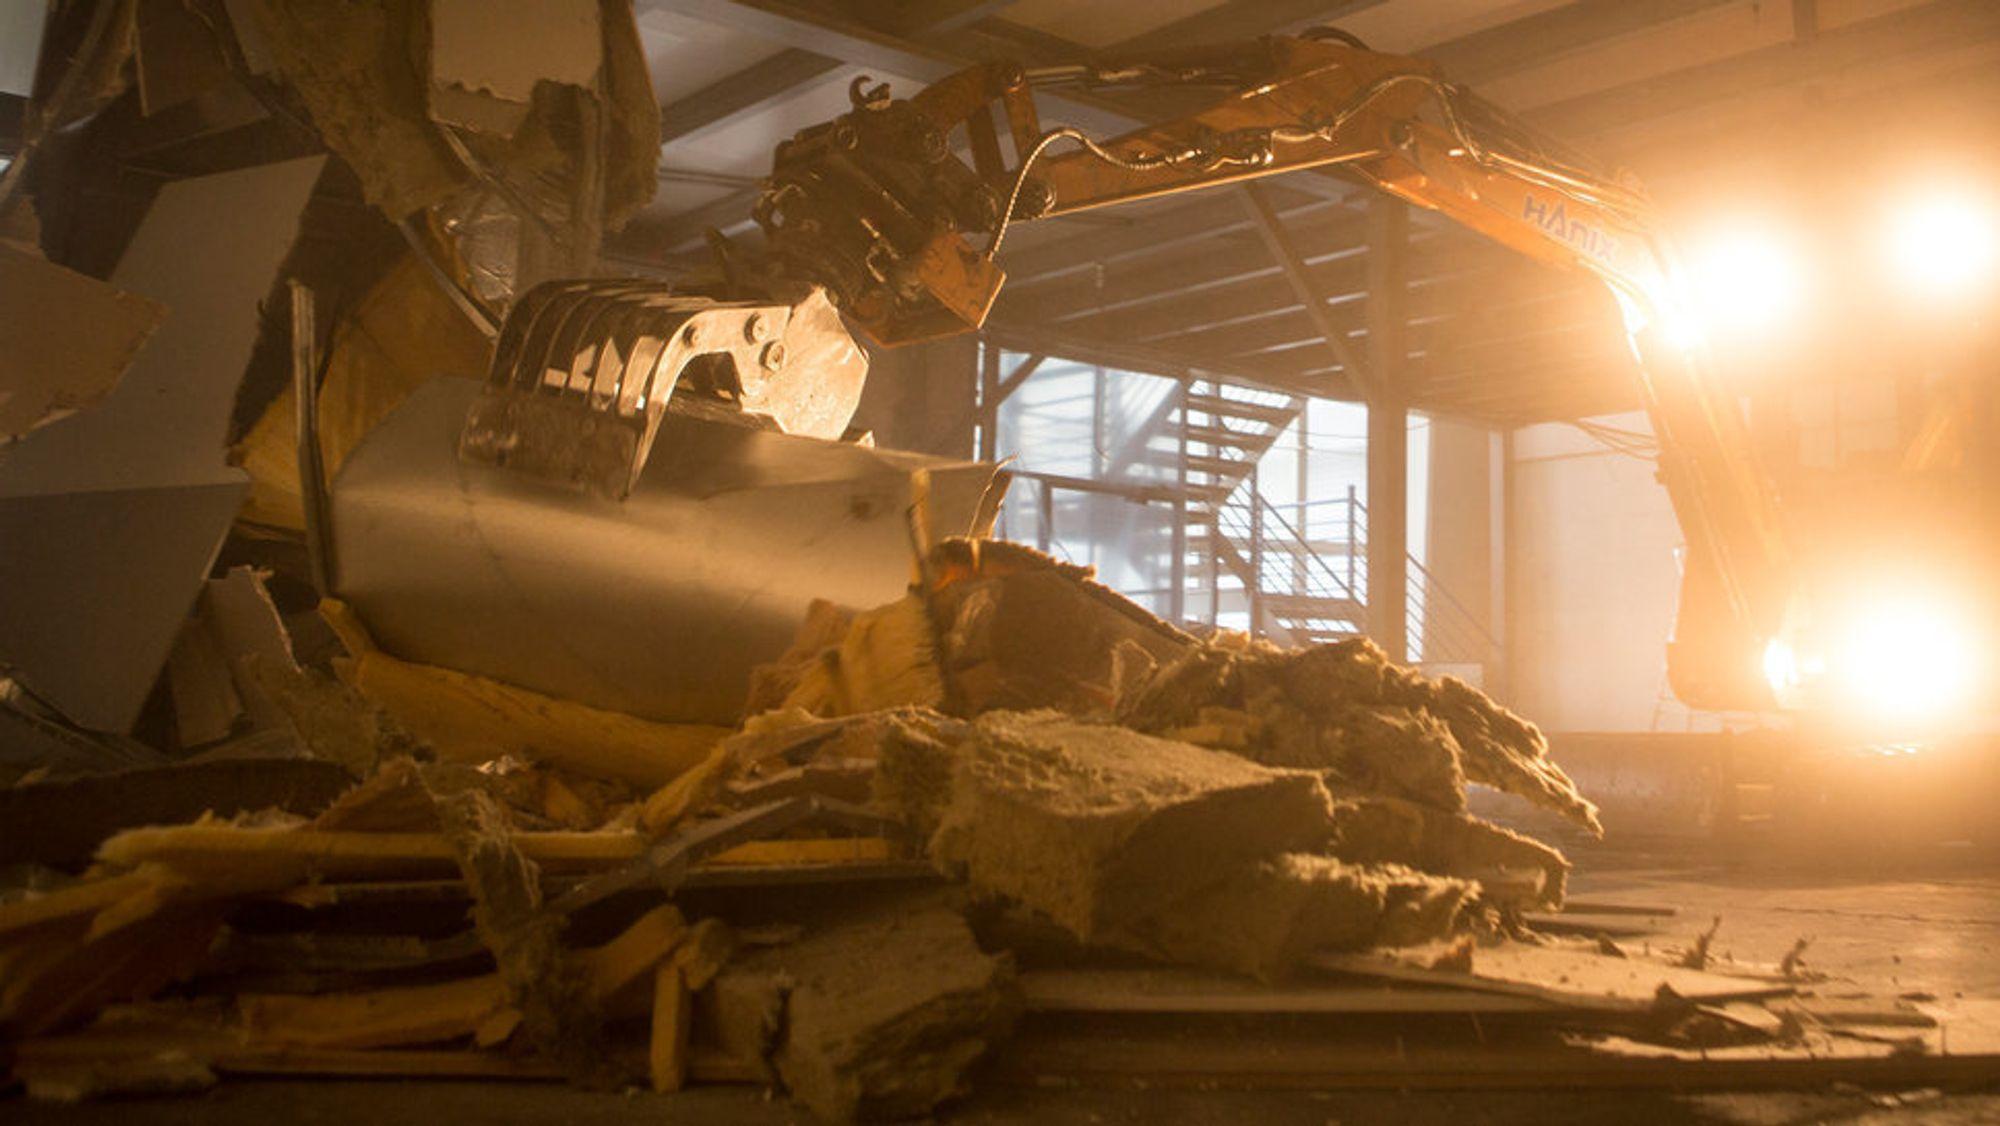 Nye bygg må tegnes og bygges slik at det blir enklere å gjenbruke materialene, mener Nito.